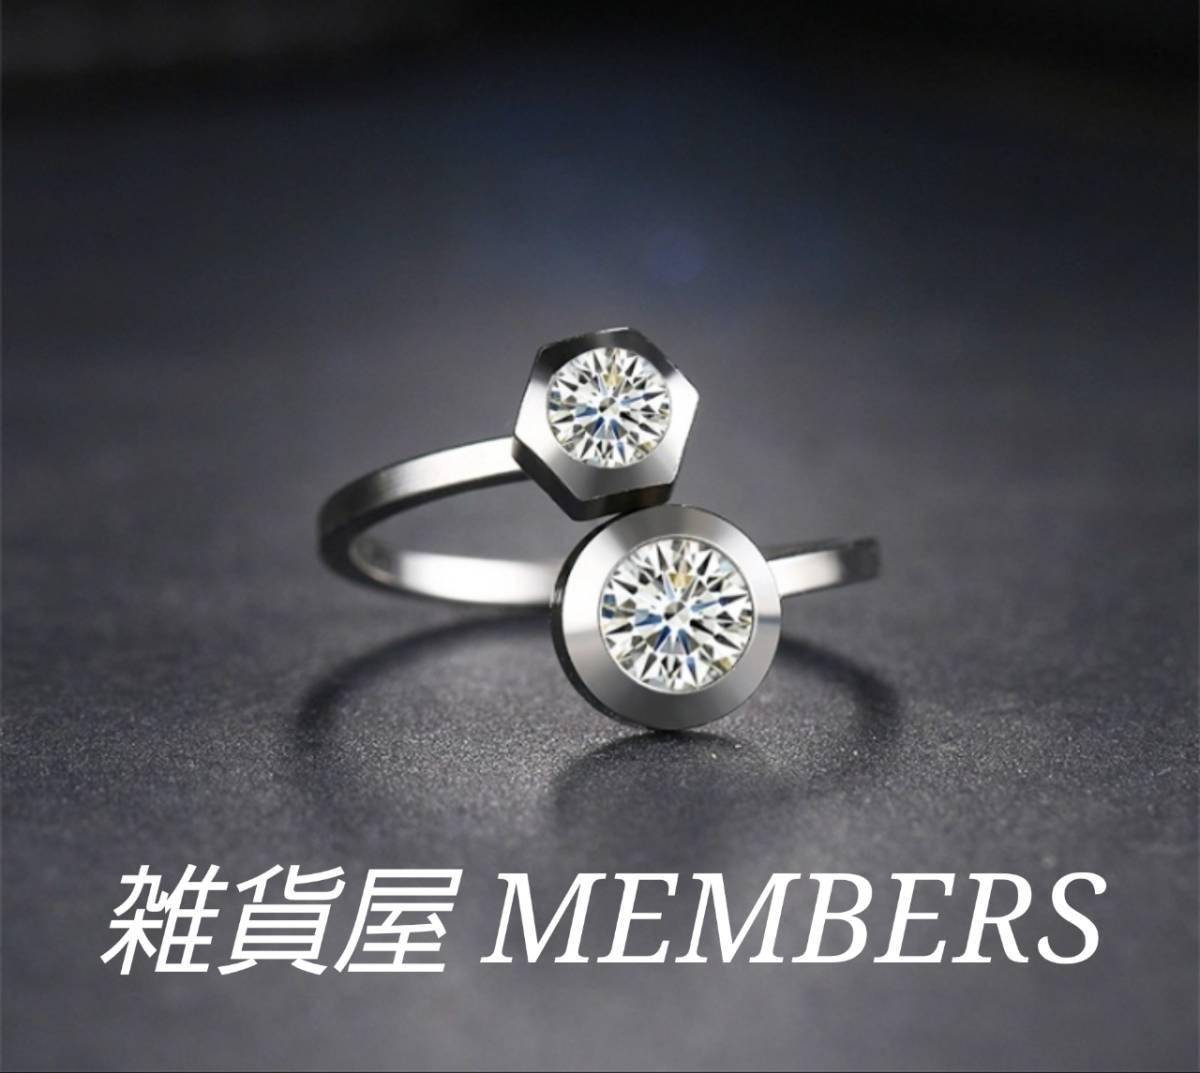 送料無料15号クロムシルバー2PスーパーCZダイヤモンドデザイナーズジュエリーリング指輪セレブモデル芸能人愛用ガールズレディース値下げ_画像1